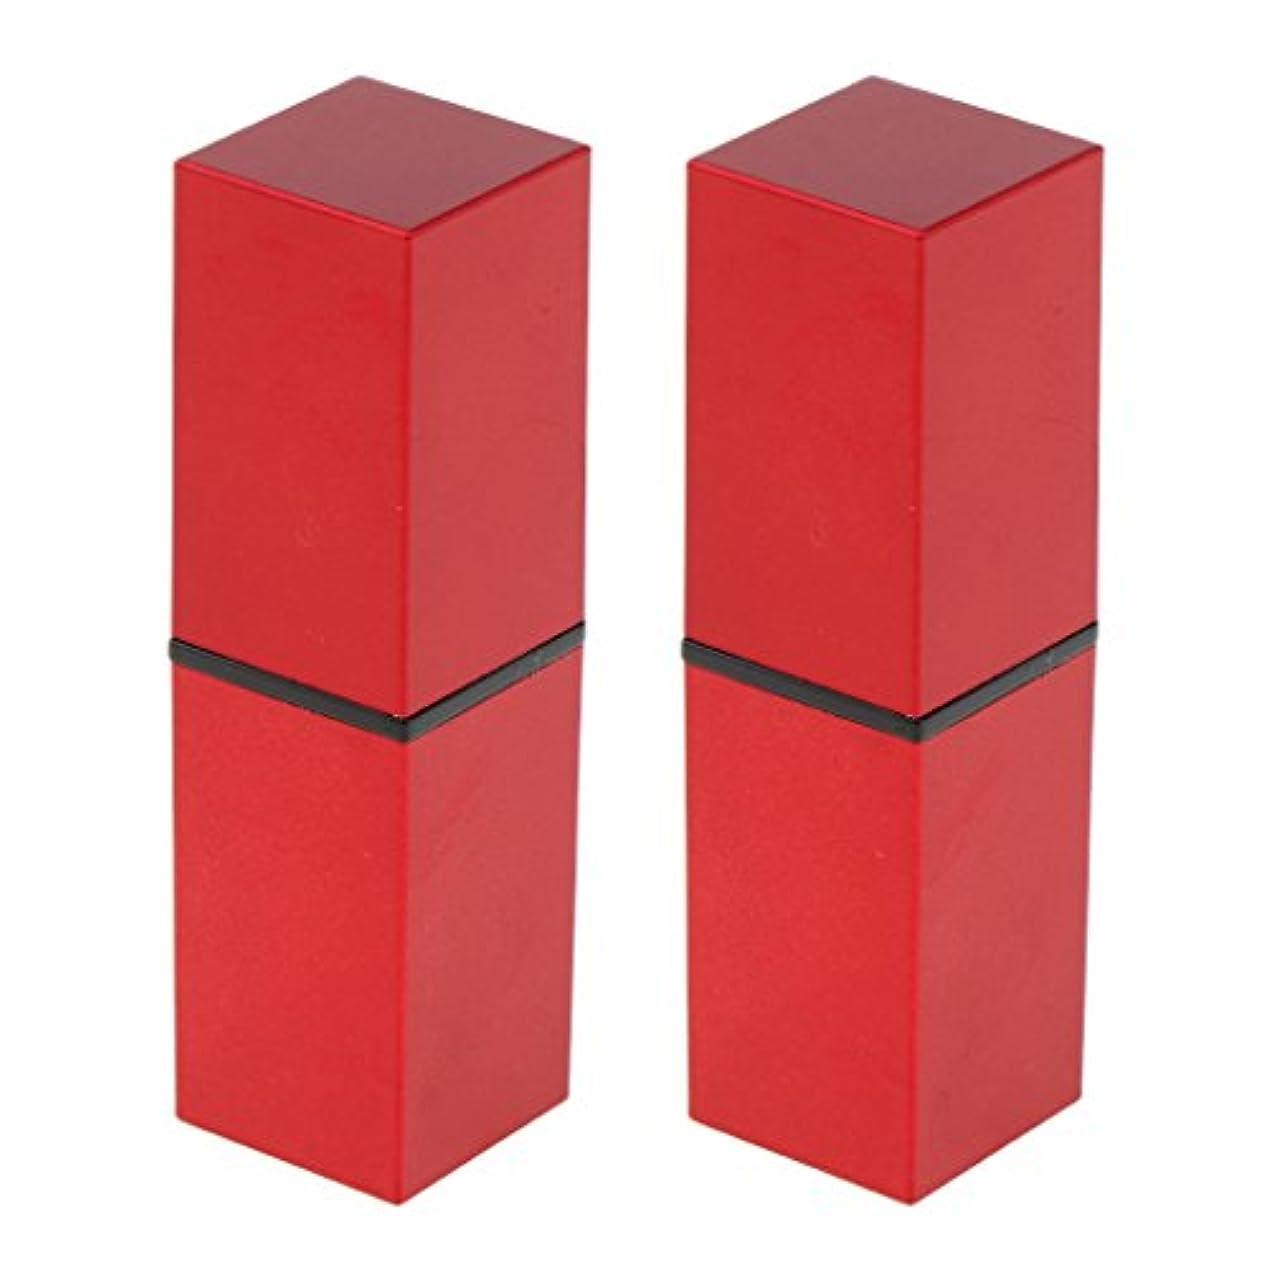 上院ホールドオール生きるFenteer 2本 リップスティック 口紅 DIY 空チューブ 収納コンテナ リップバーム 12.1MM 口紅チューブ 手作り 全4色 - 赤